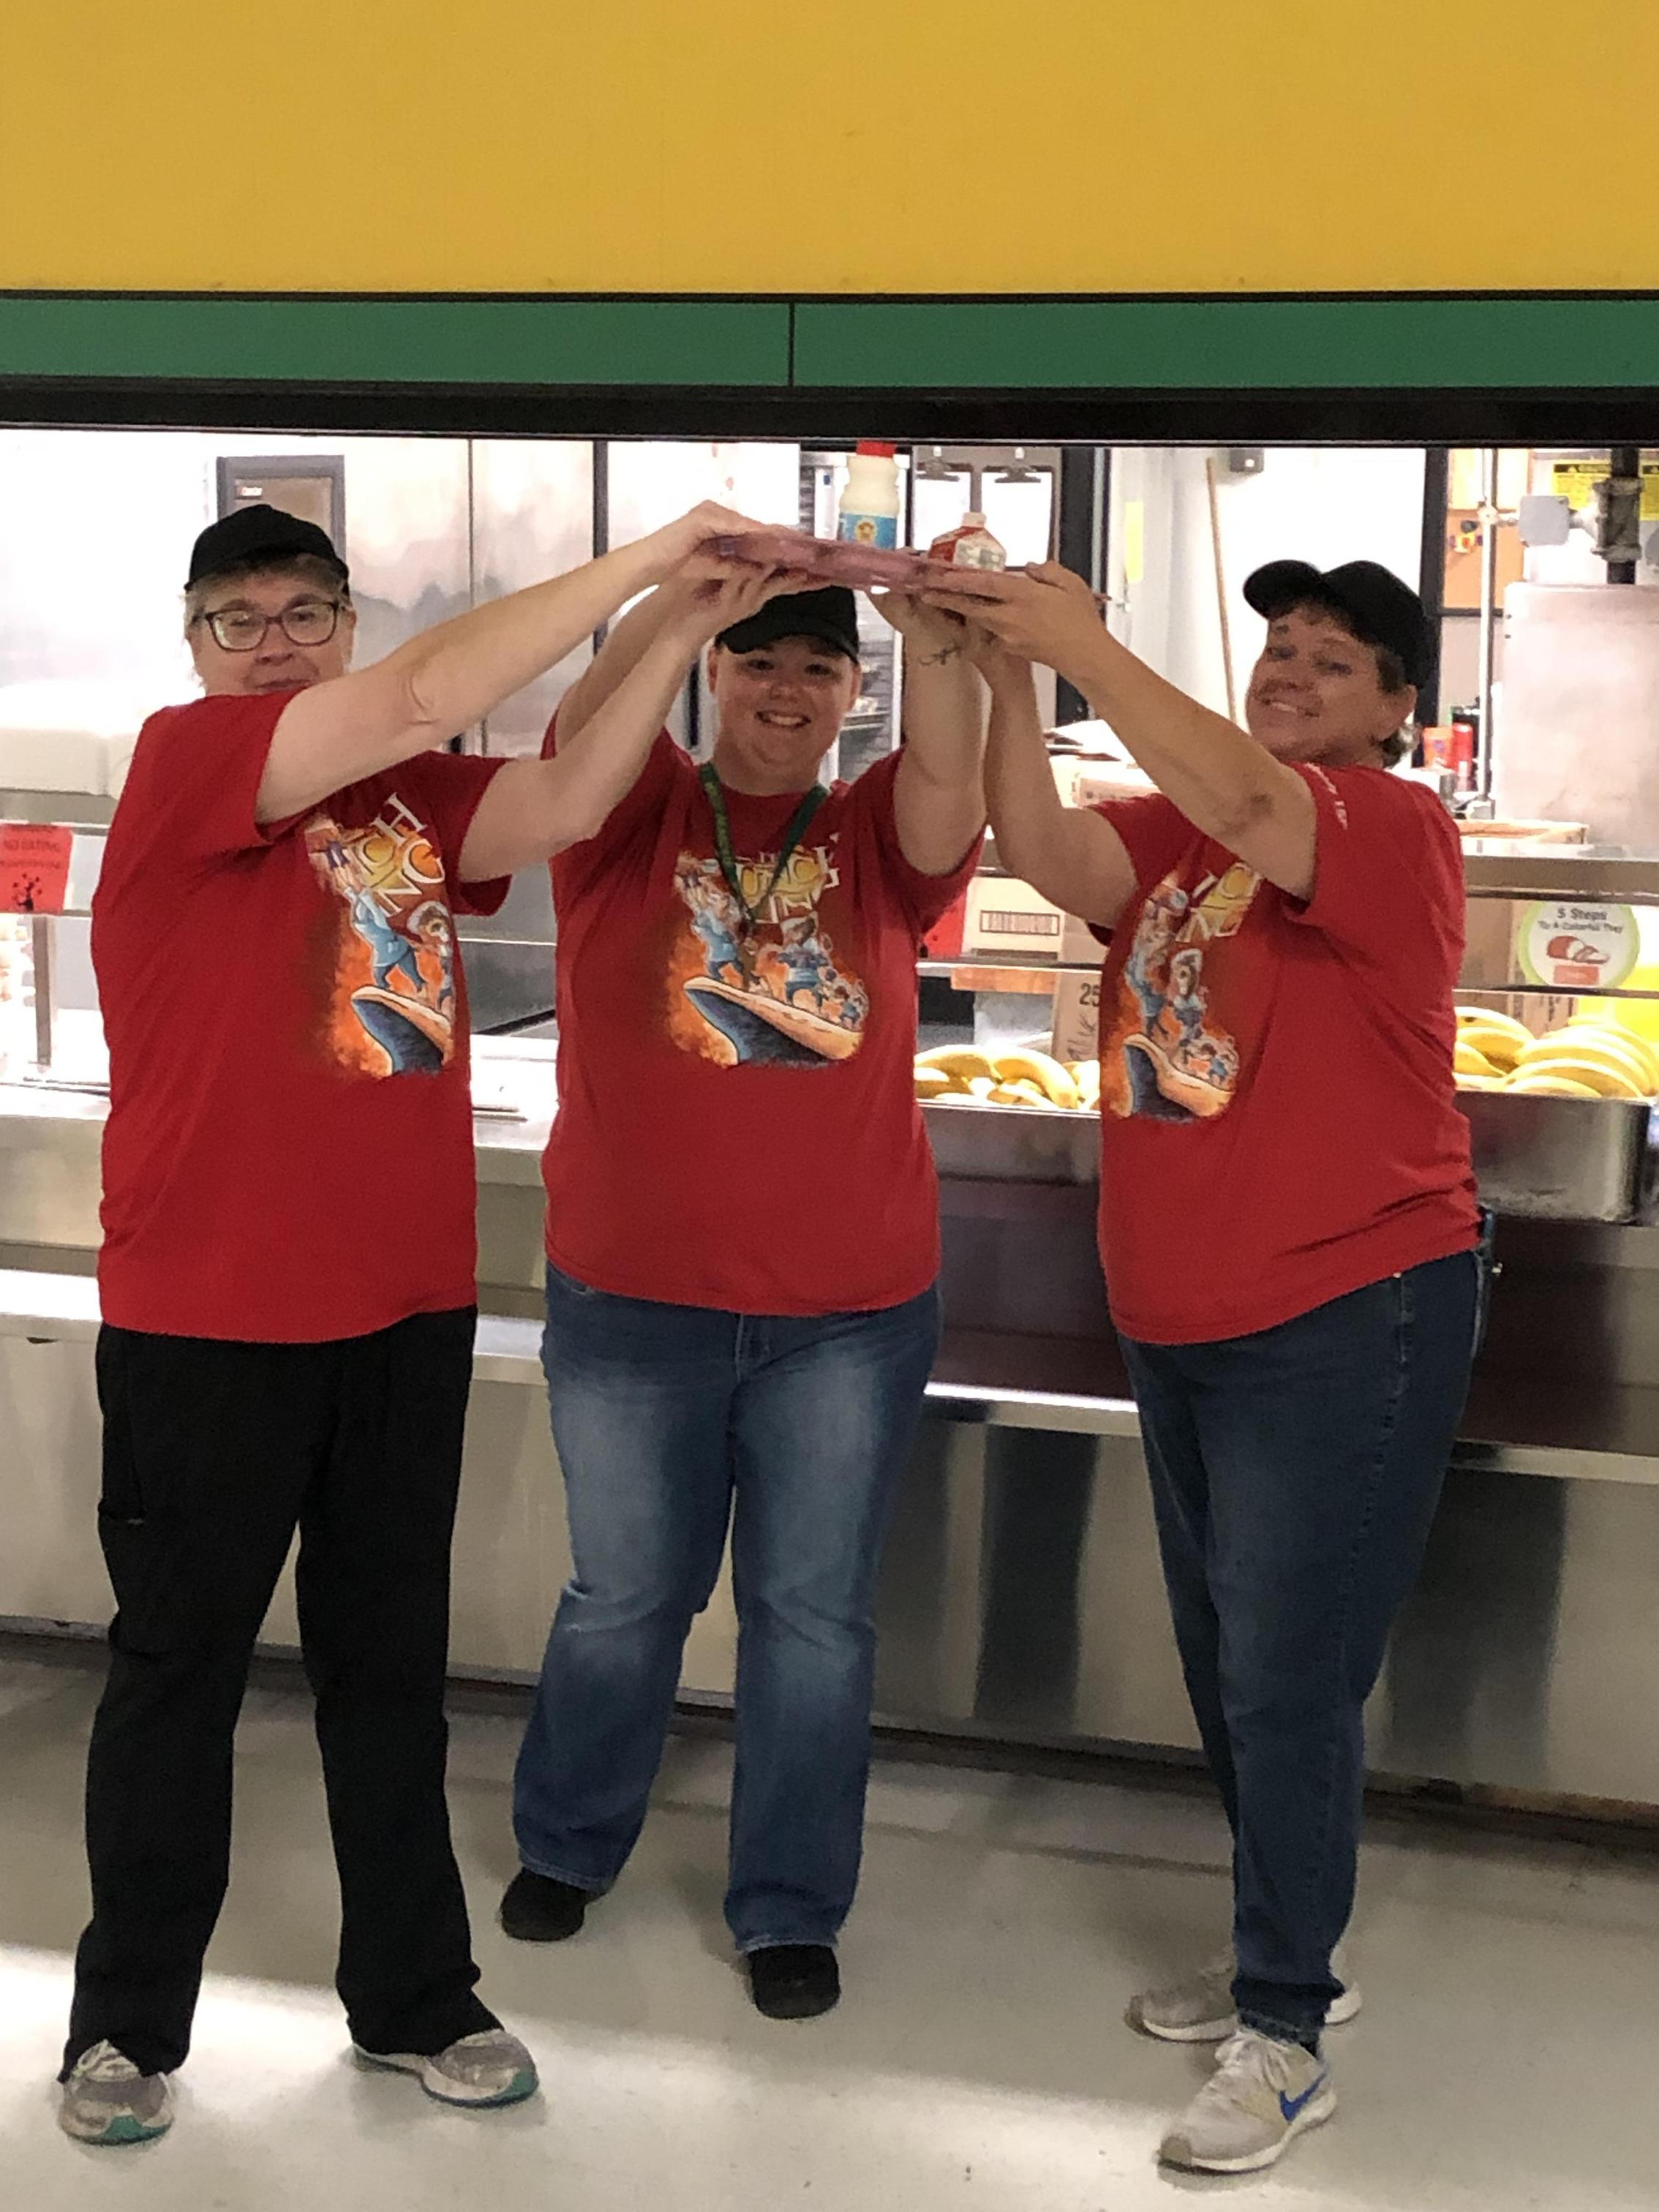 Cafeteria ladies having fun